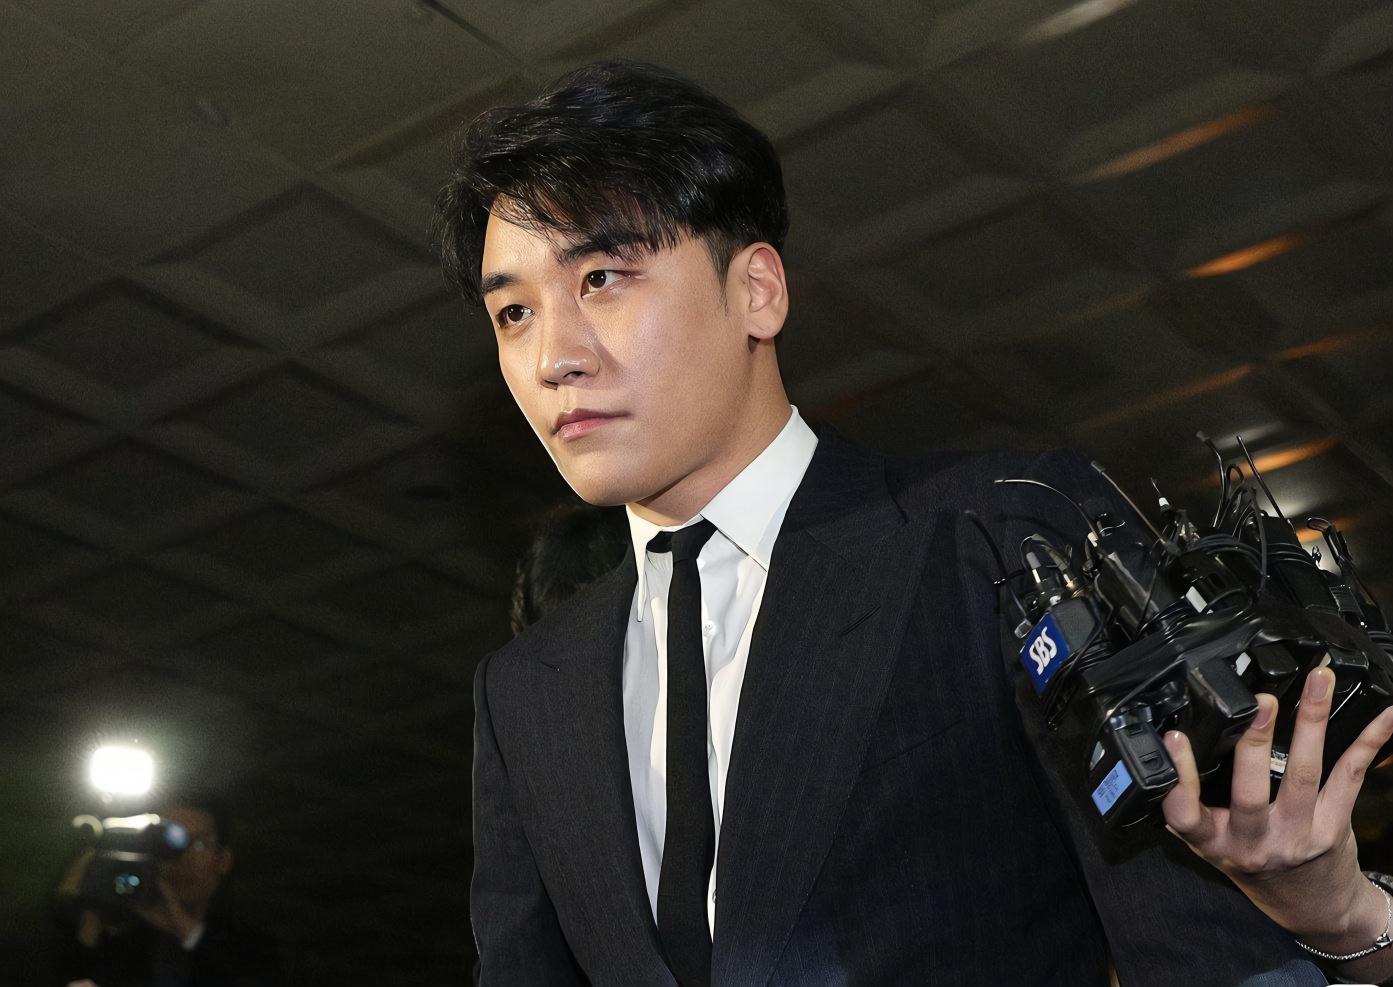 韩警察厅官方回应胜利夜店案件:没有吸毒及性暴力